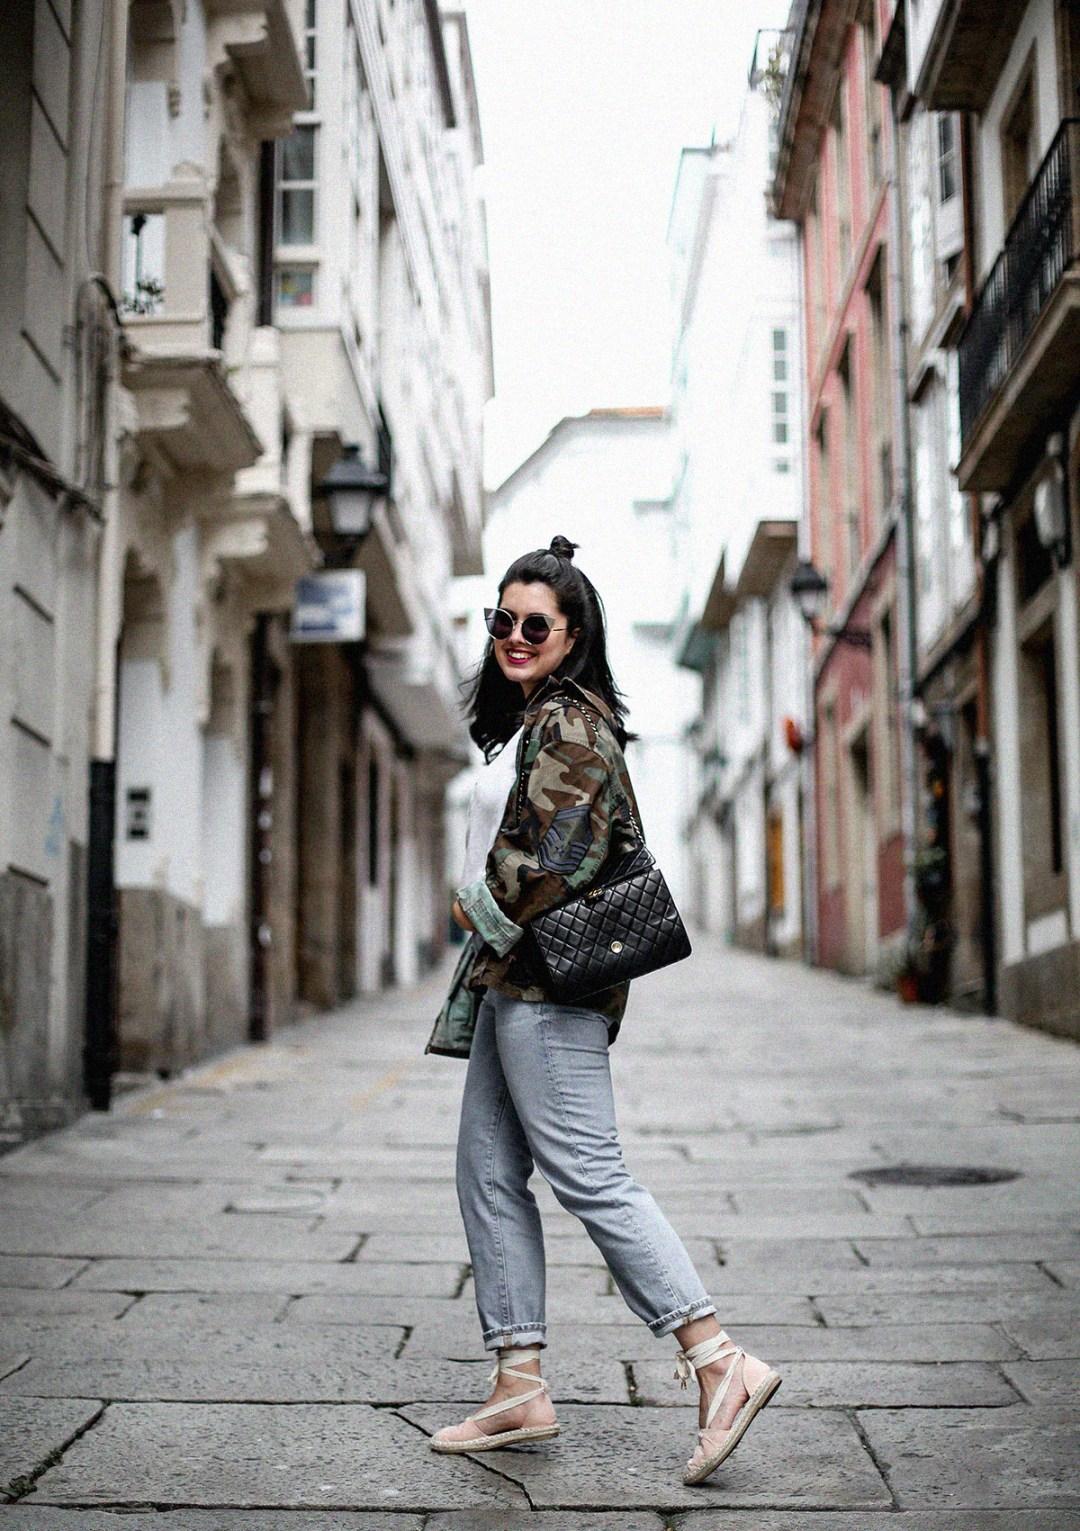 vintage-army-jacket-mom-jeans-espadrilles-myblueberrynightsblog10